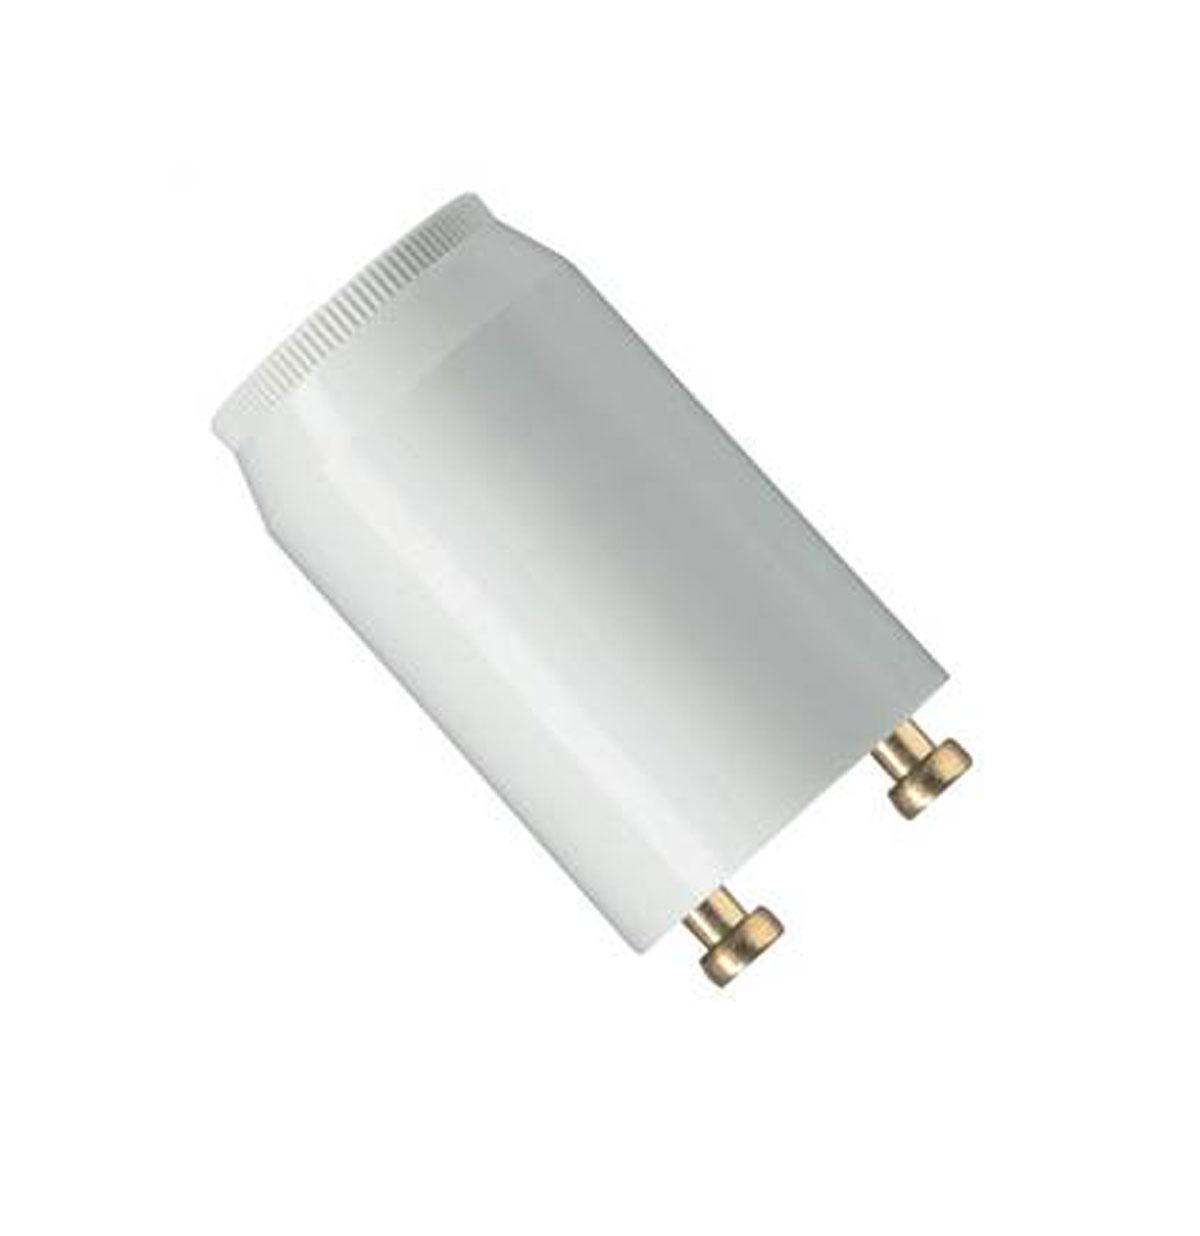 S2 Starter voor 4-22w TL Lamp